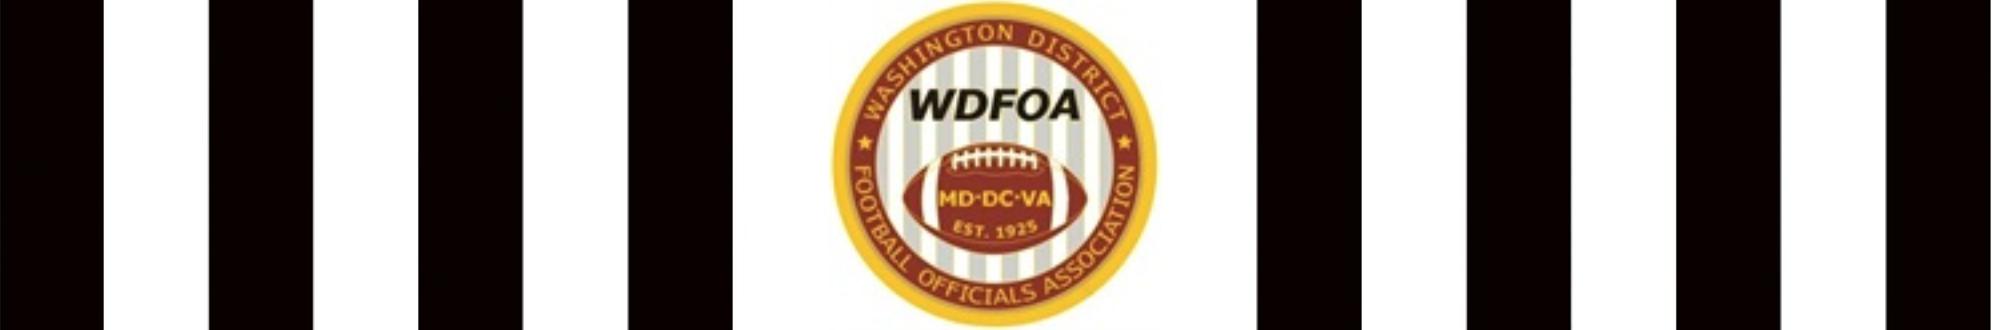 WDFOA Design 1